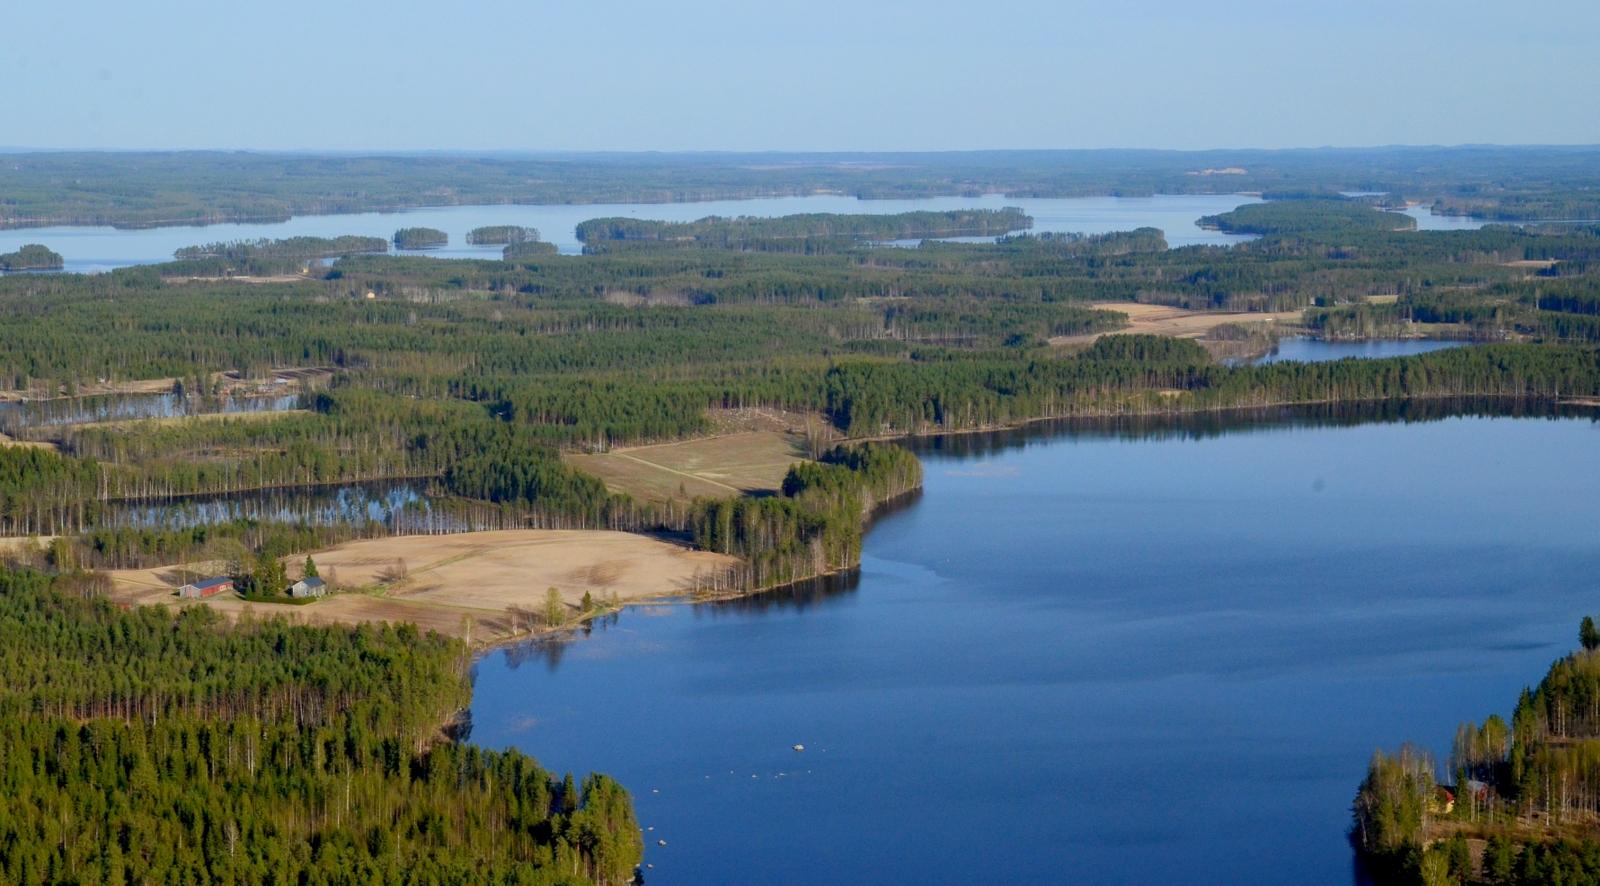 Tiirinen selän takana Tiirilän tila Kuhalankylällä. Taustalla Matoselkä.